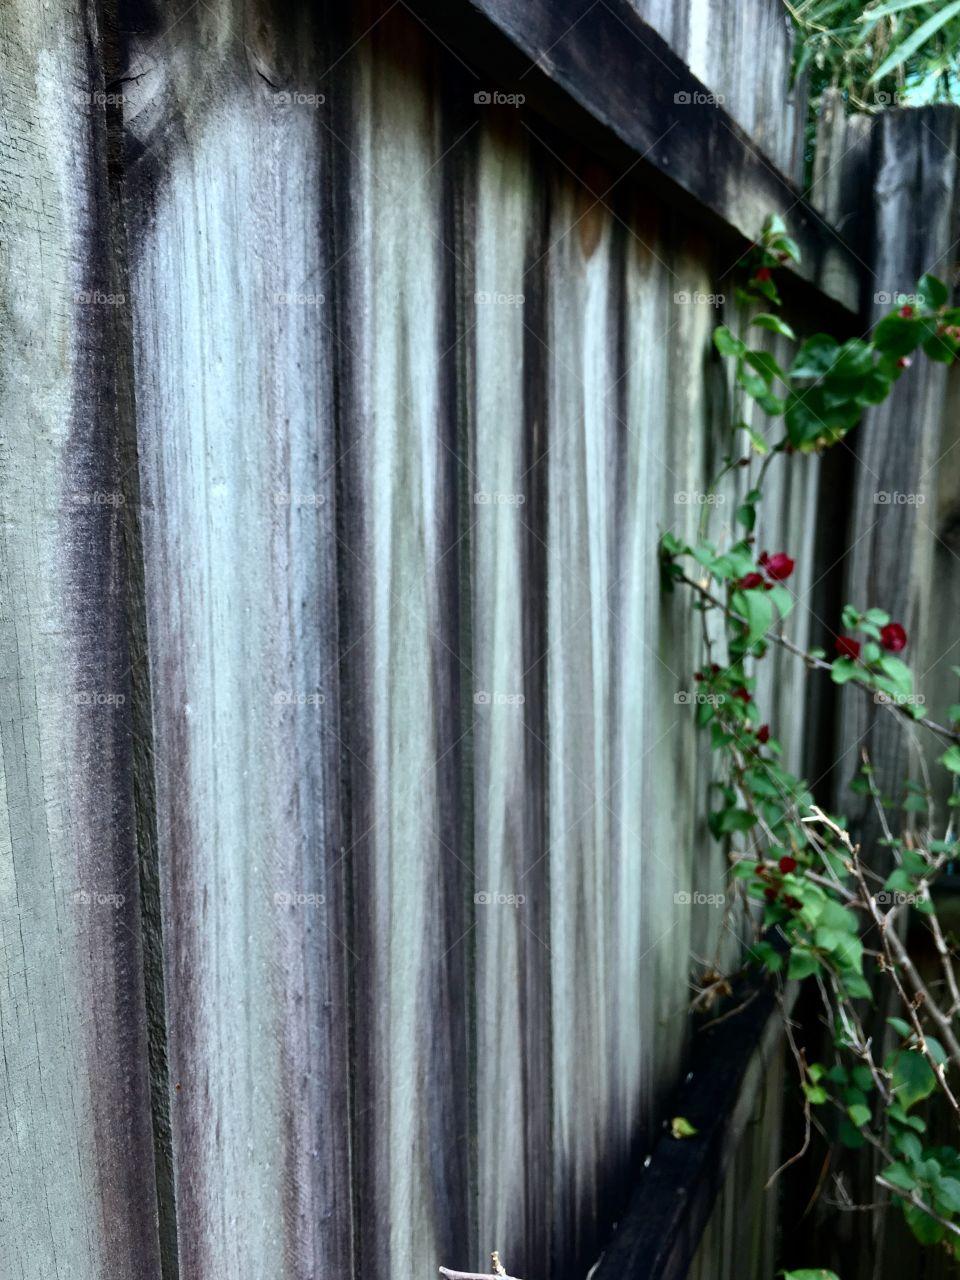 Aging grey fence.